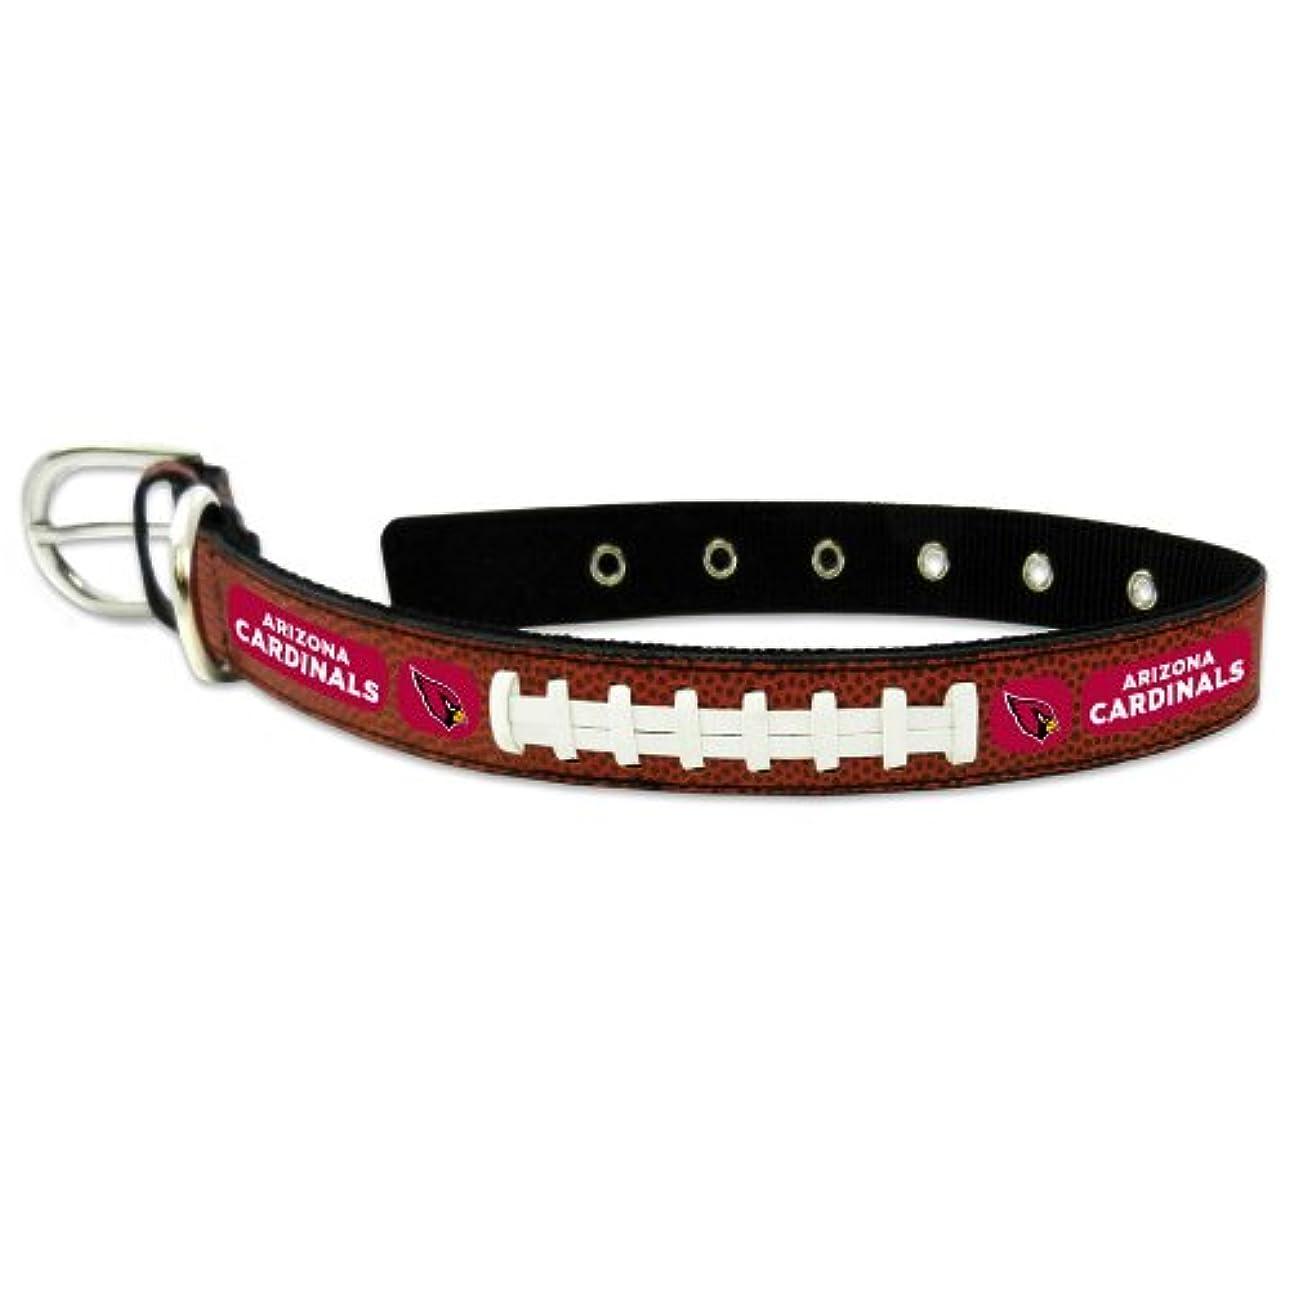 政権矢印一掃するArizona Cardinals Classic Leather Medium Football Collar